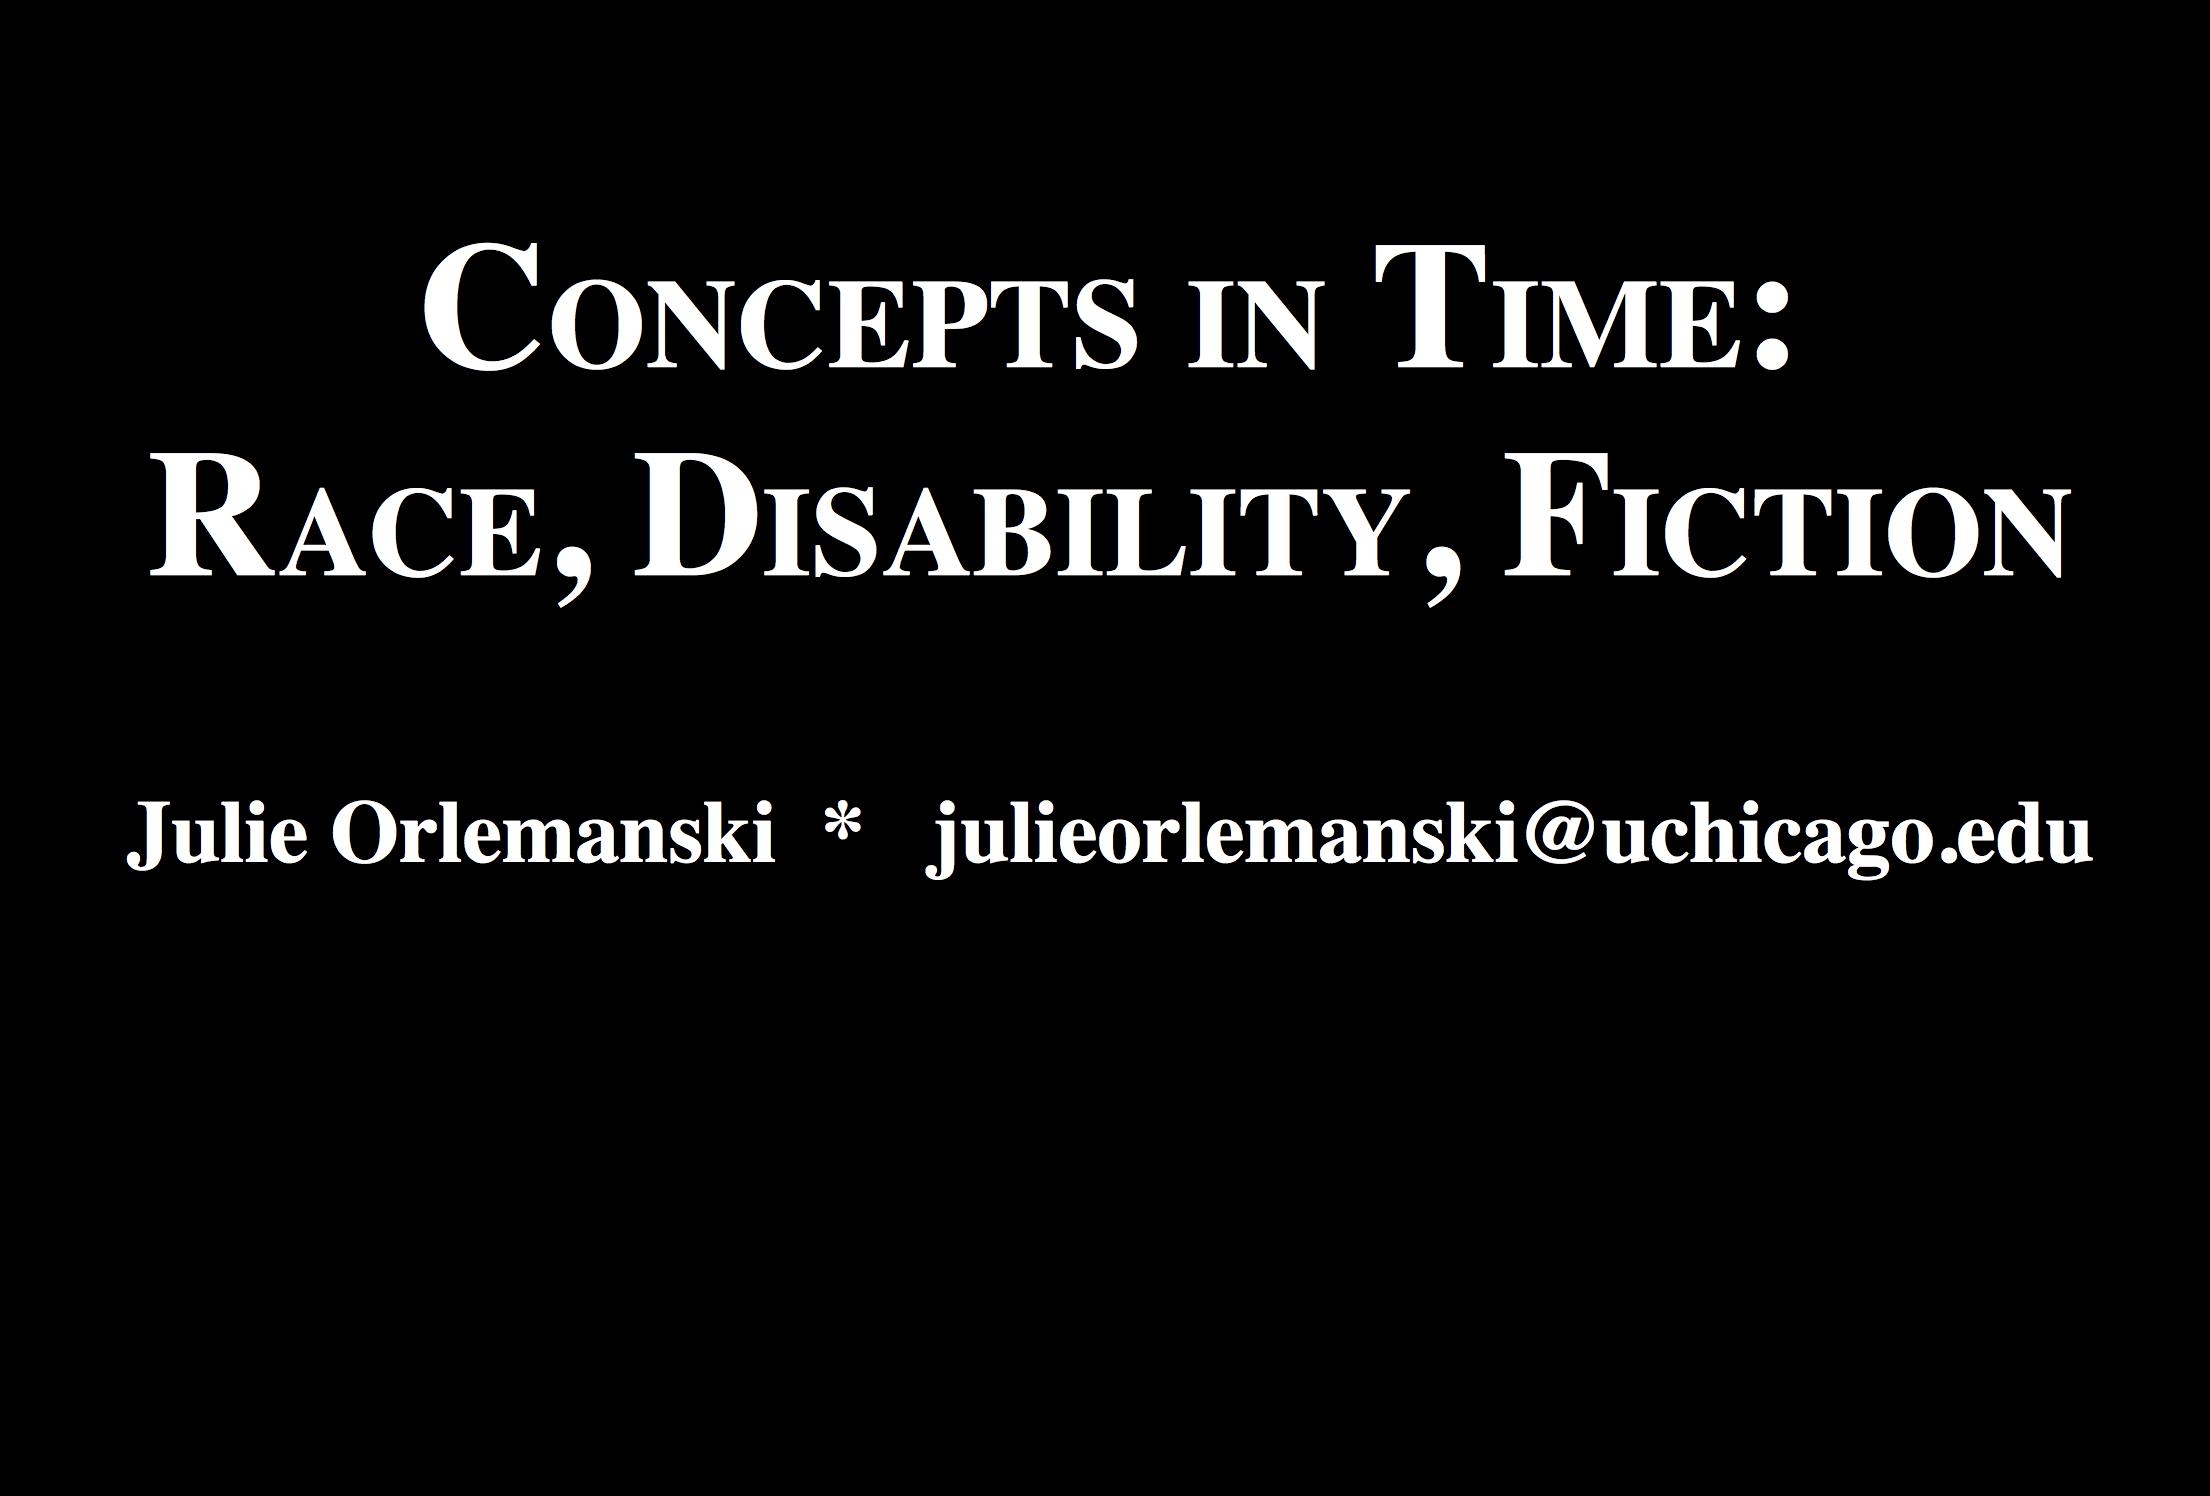 Julie Orlemanski